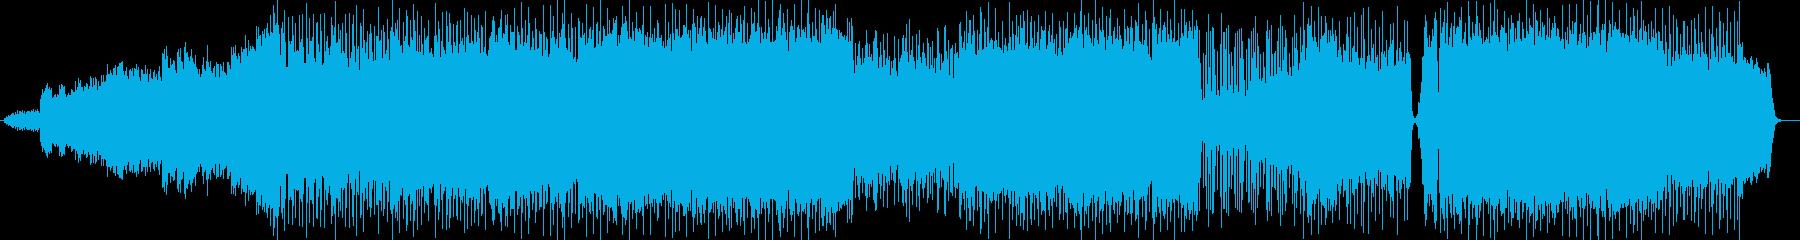 ワクワク感のあるシンセ・ギターサウンドの再生済みの波形